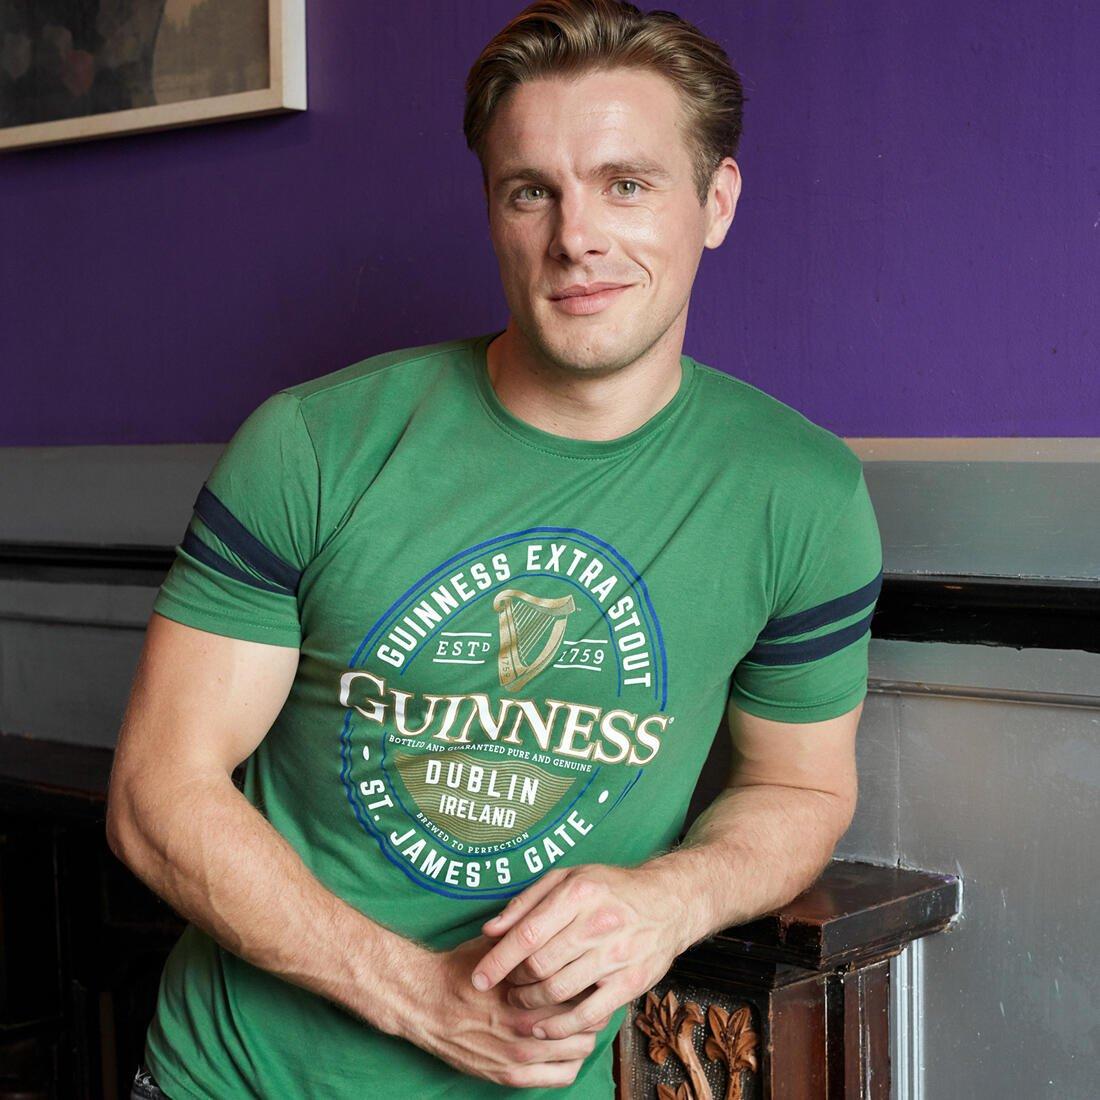 T-shirt Guinness Classica colore verde con logo Guinness - Modello - Viaggiare in Irlanda